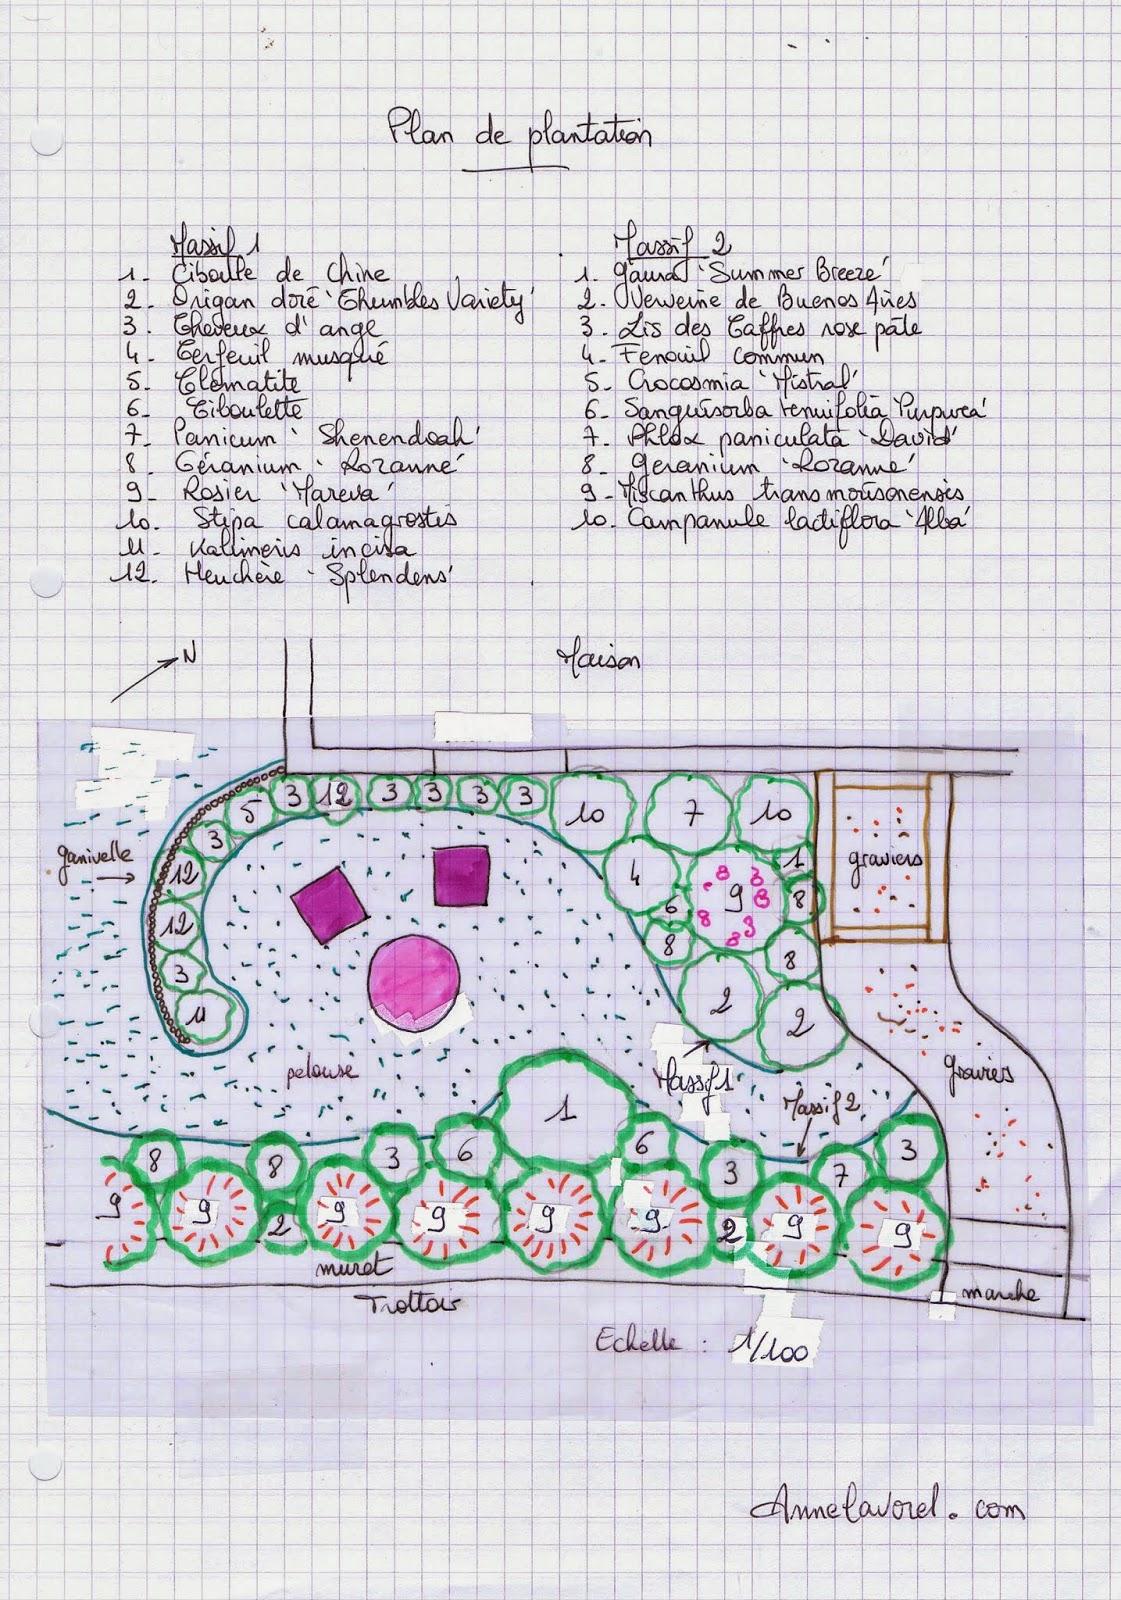 Anne lavorel cr ation de jardins animations juillet 2014 for Entretien jardin fouesnant